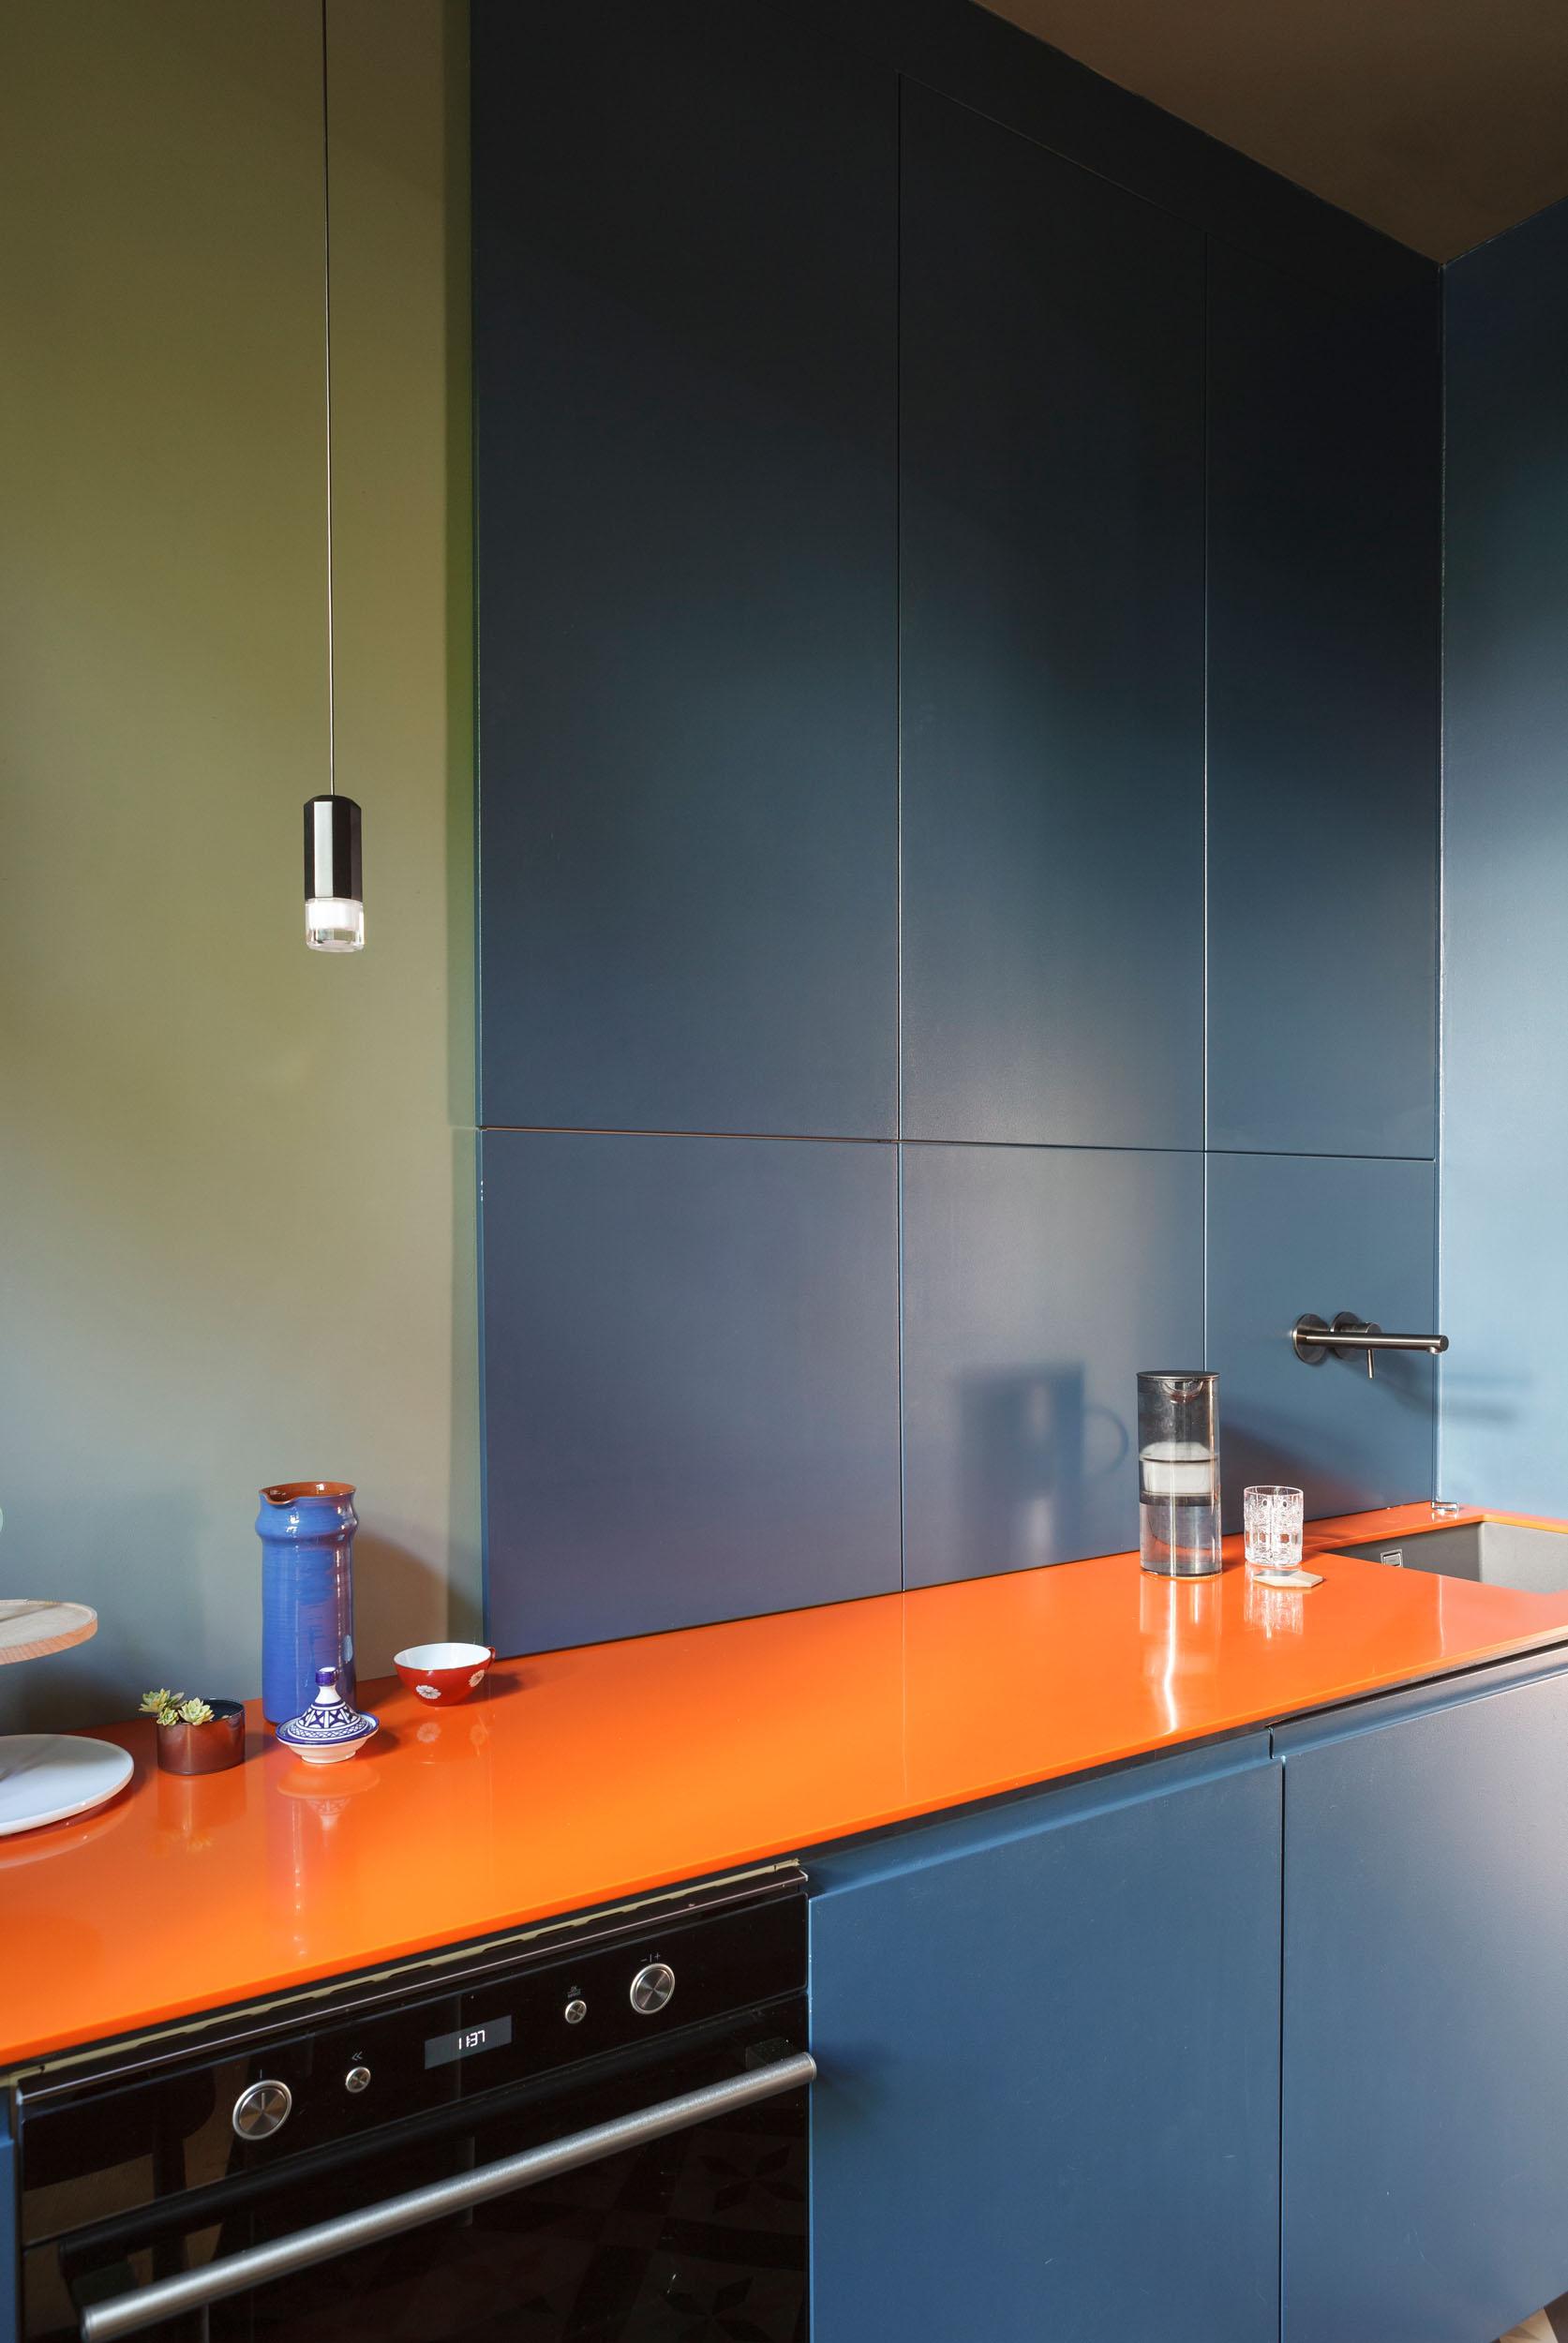 Kitchen-HP-STUDIOOINK-72DPI-9797.jpg